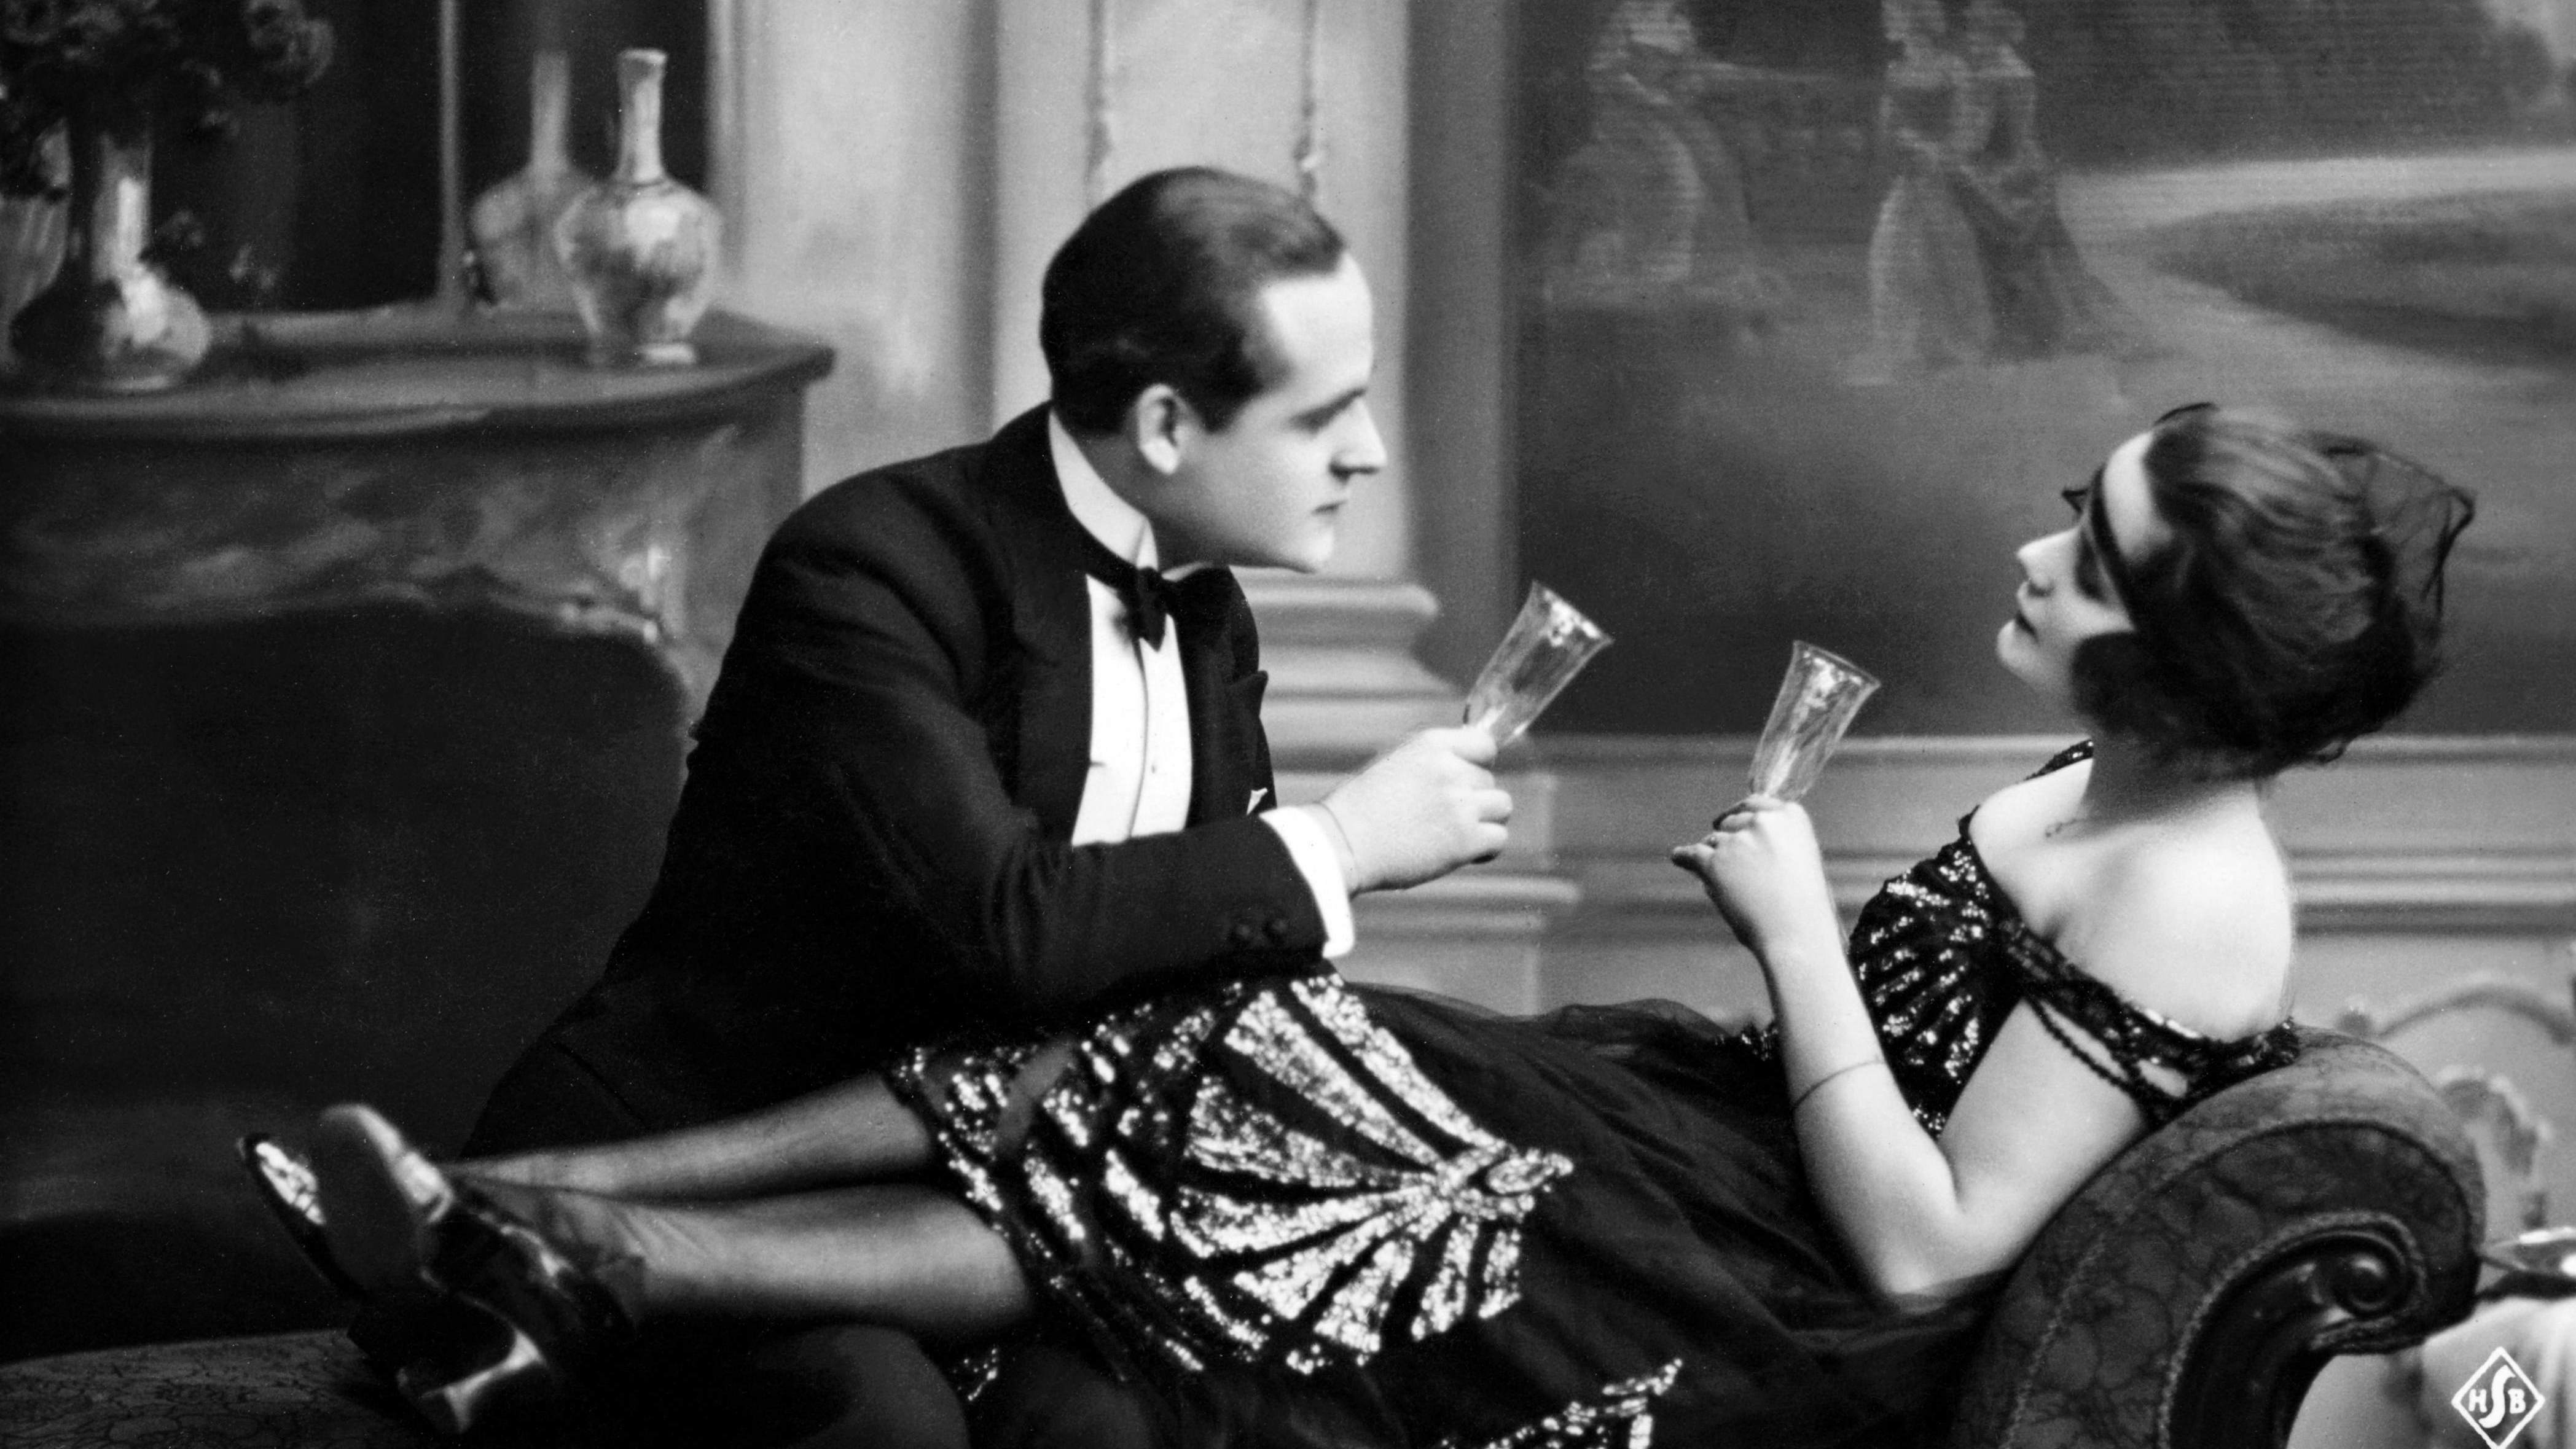 20-lukuinen postikortti, jossa pariskunta siemailee juhlajuomaa divaanilla